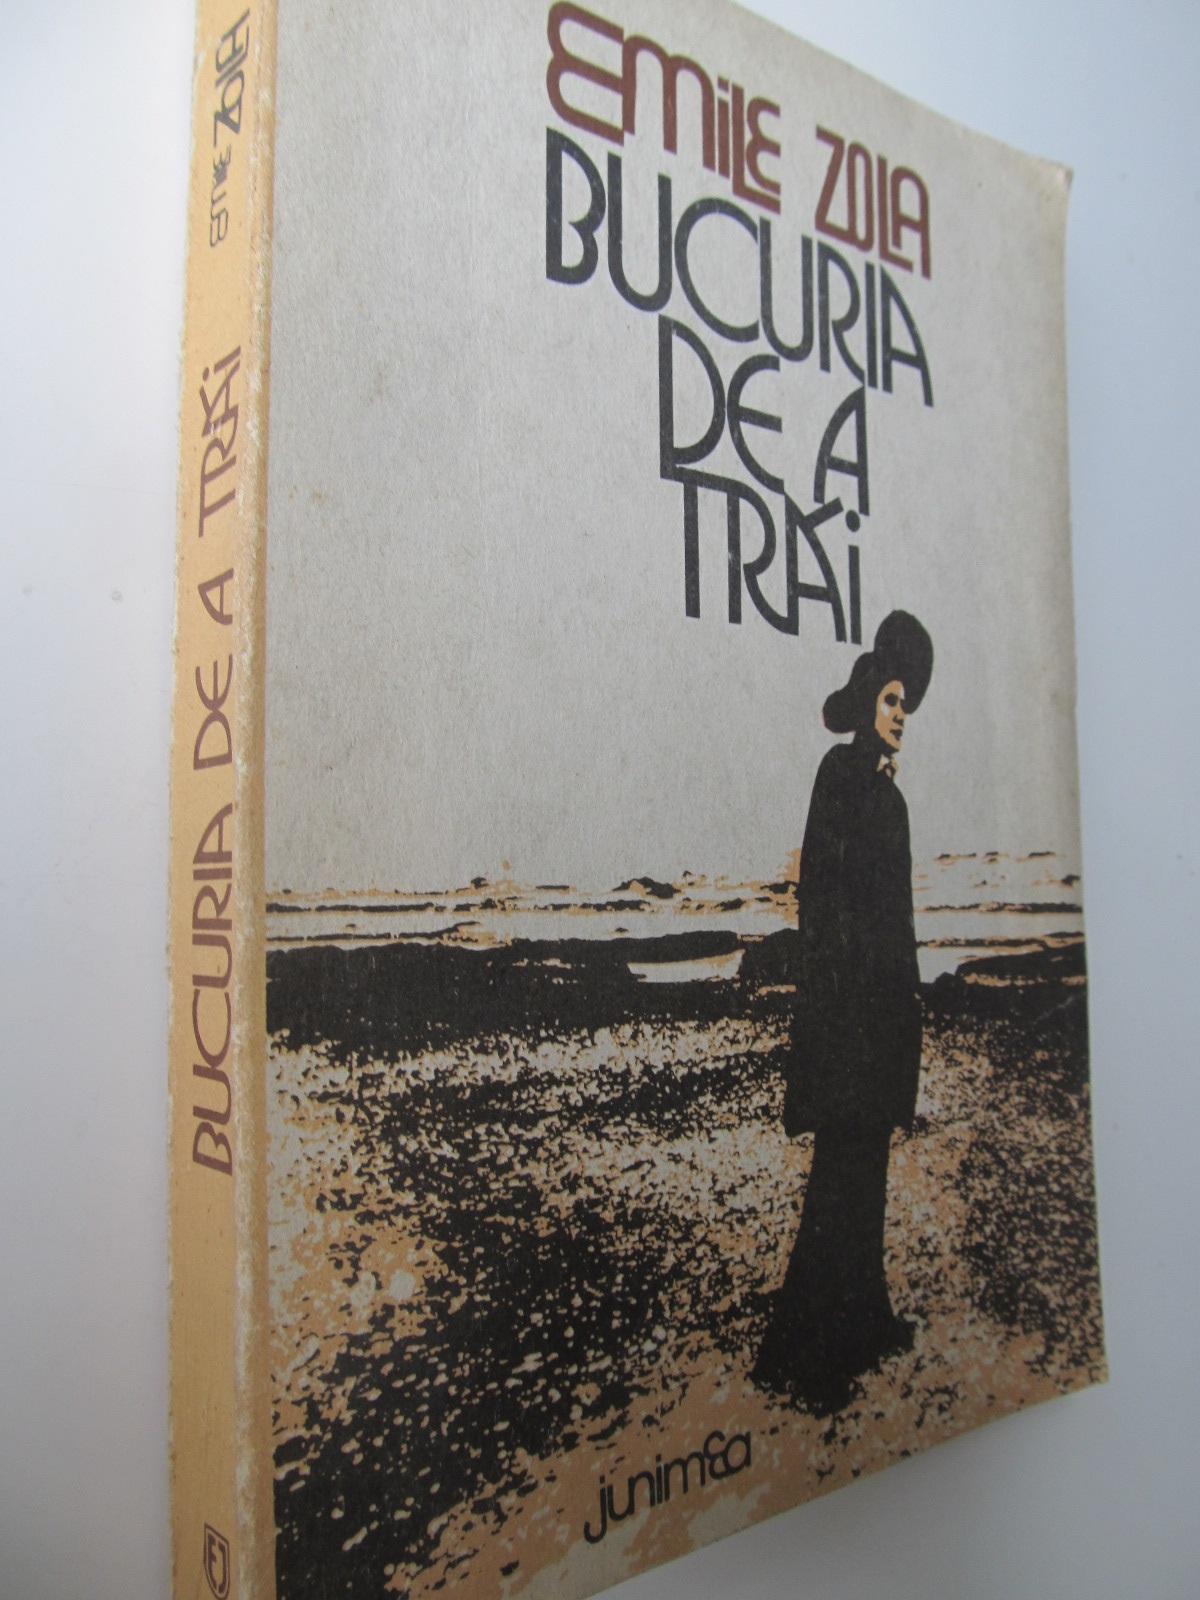 Bucuria de a trai - Emile Zola | Detalii carte